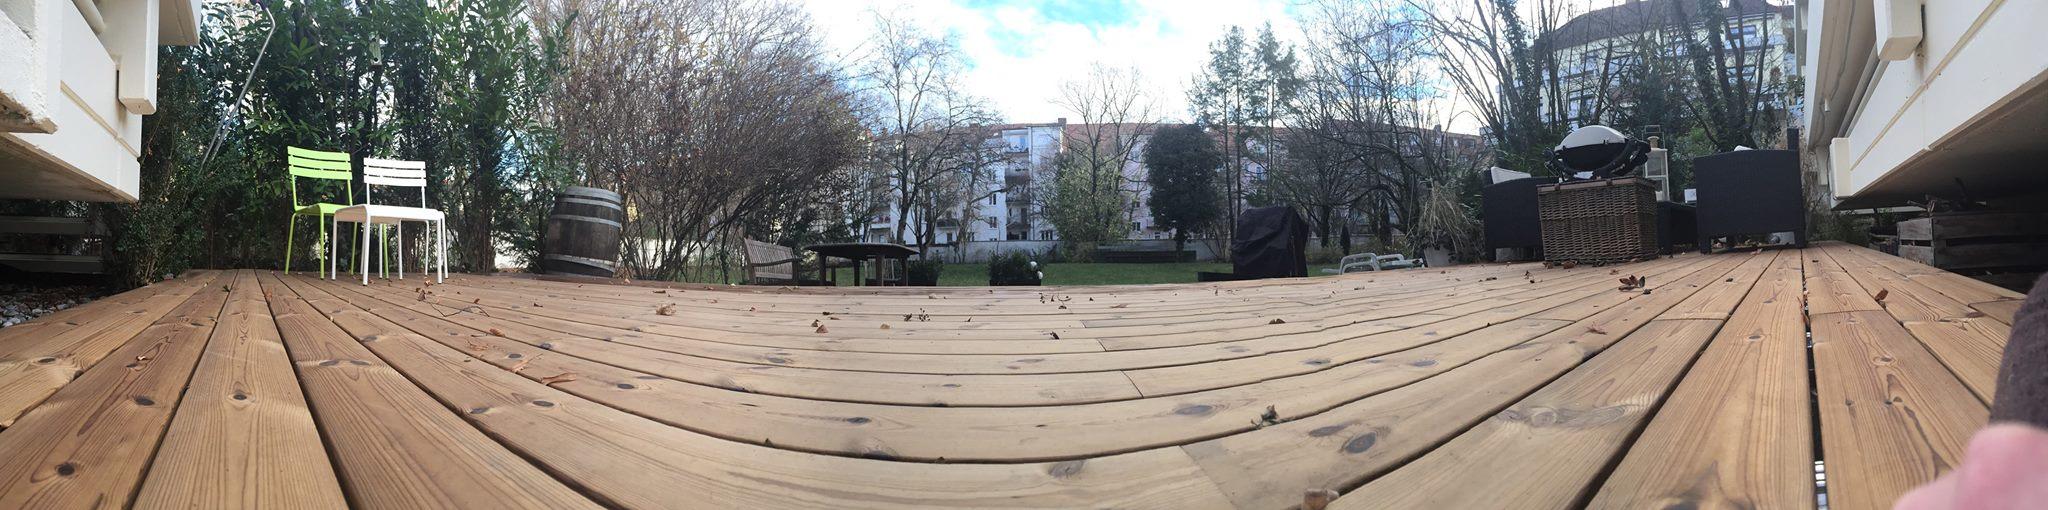 Holzterrasse demontierbar verdeckt montiert